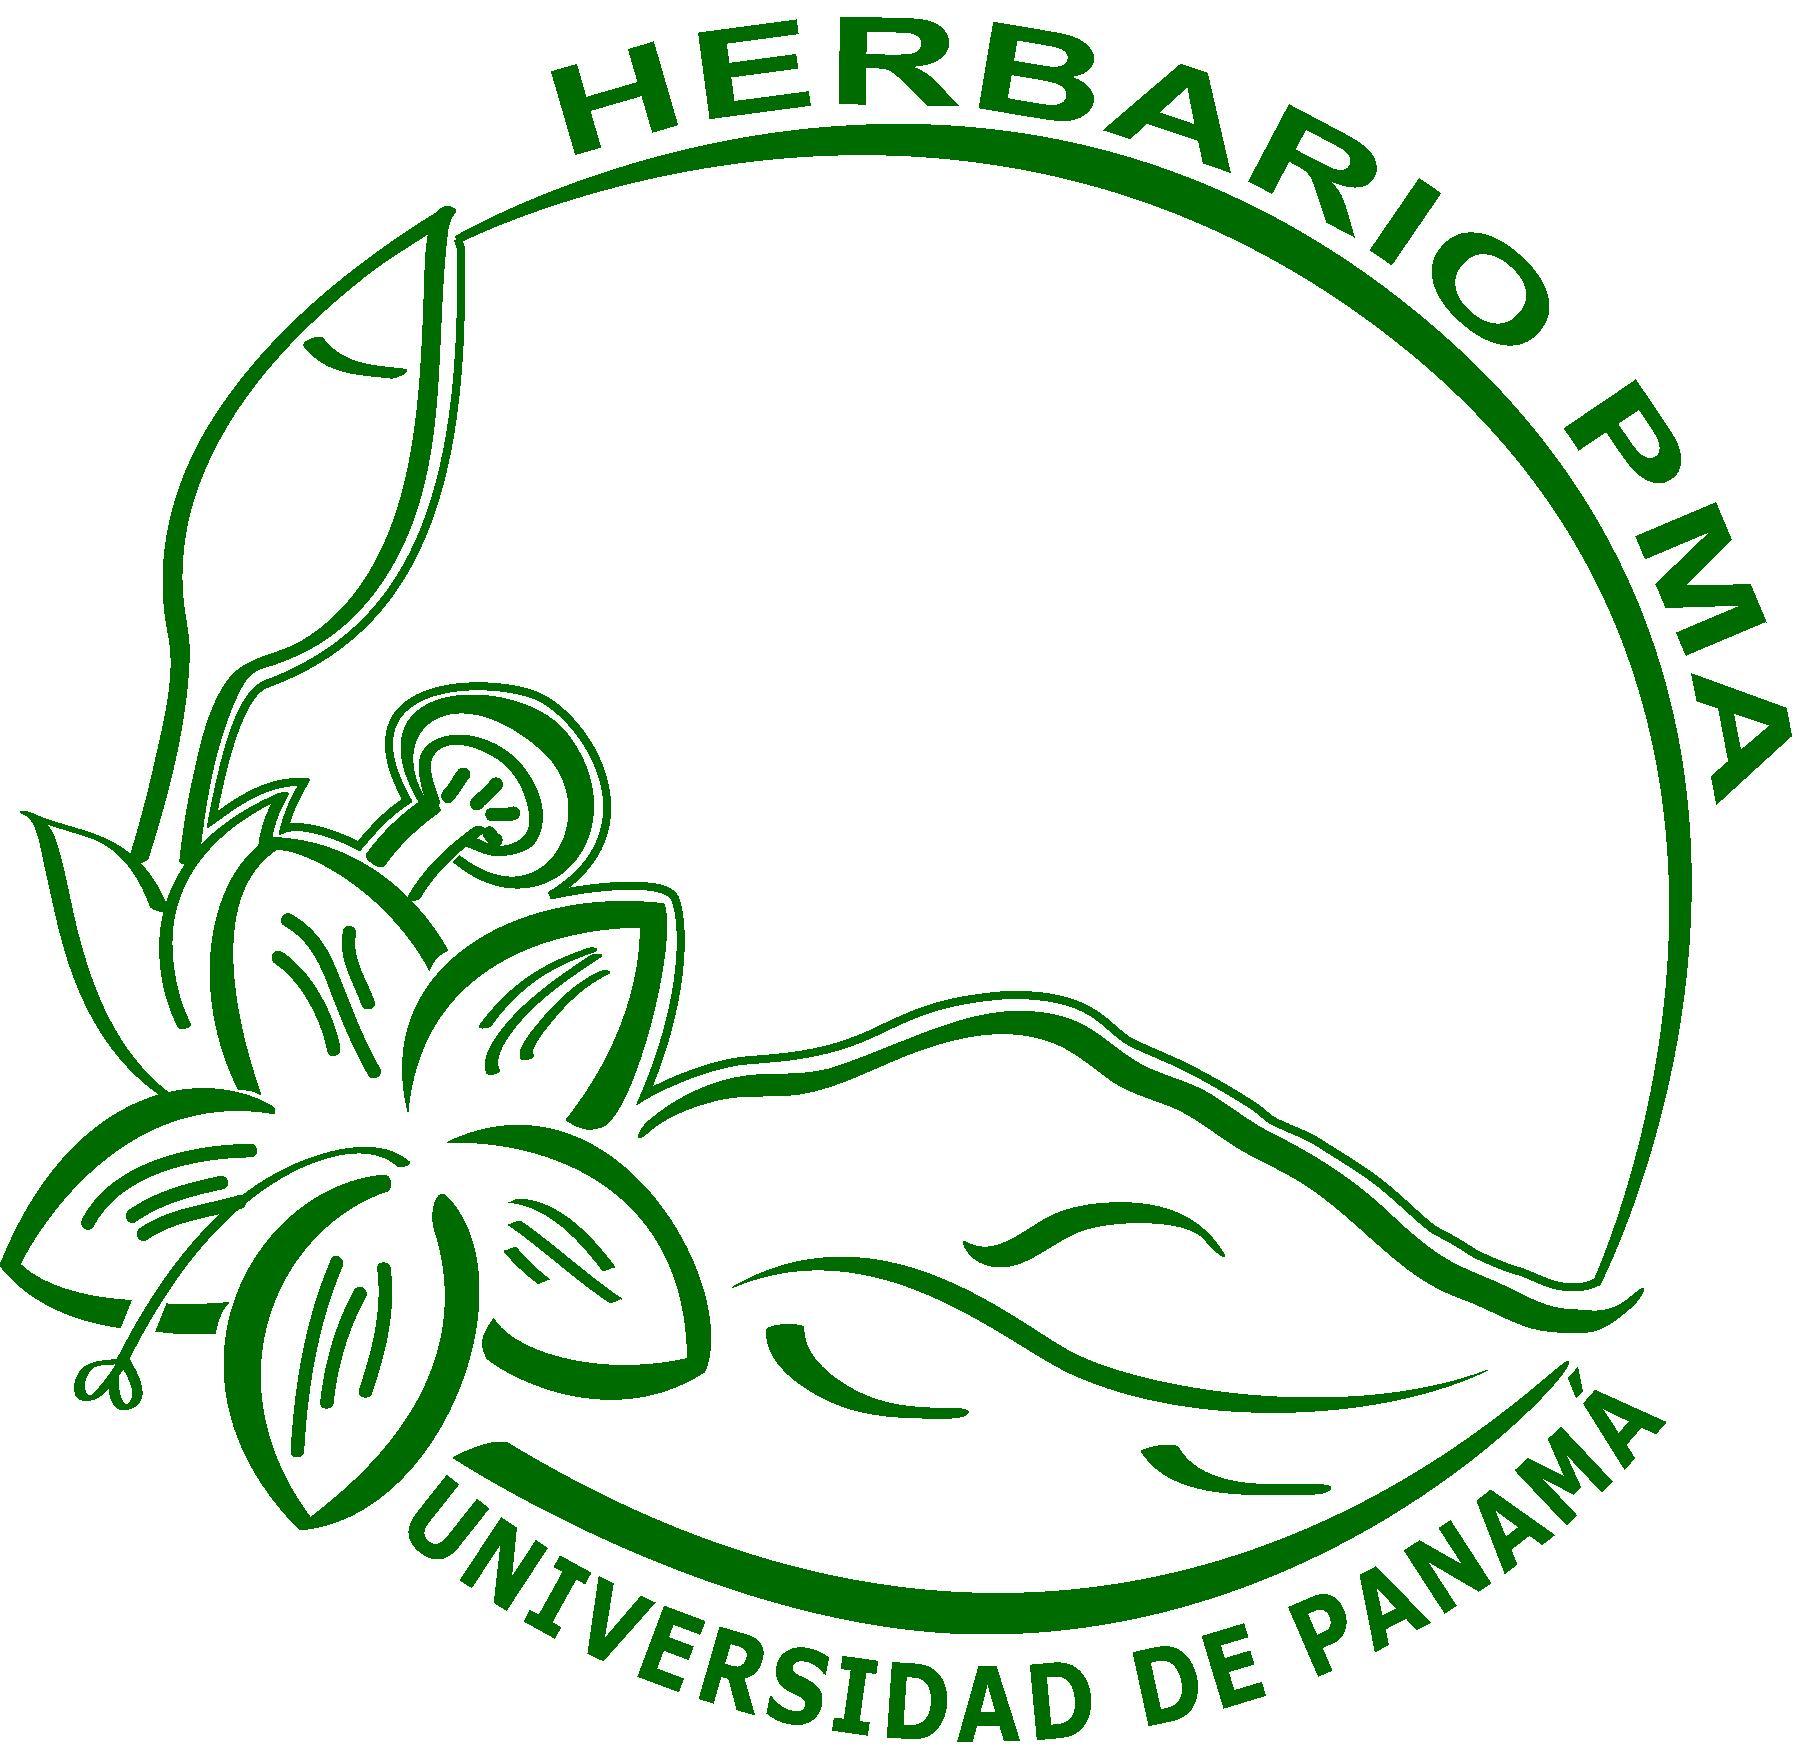 Calendario Escolar Universidad De Panama 2019.Inicio Universidad De Panama